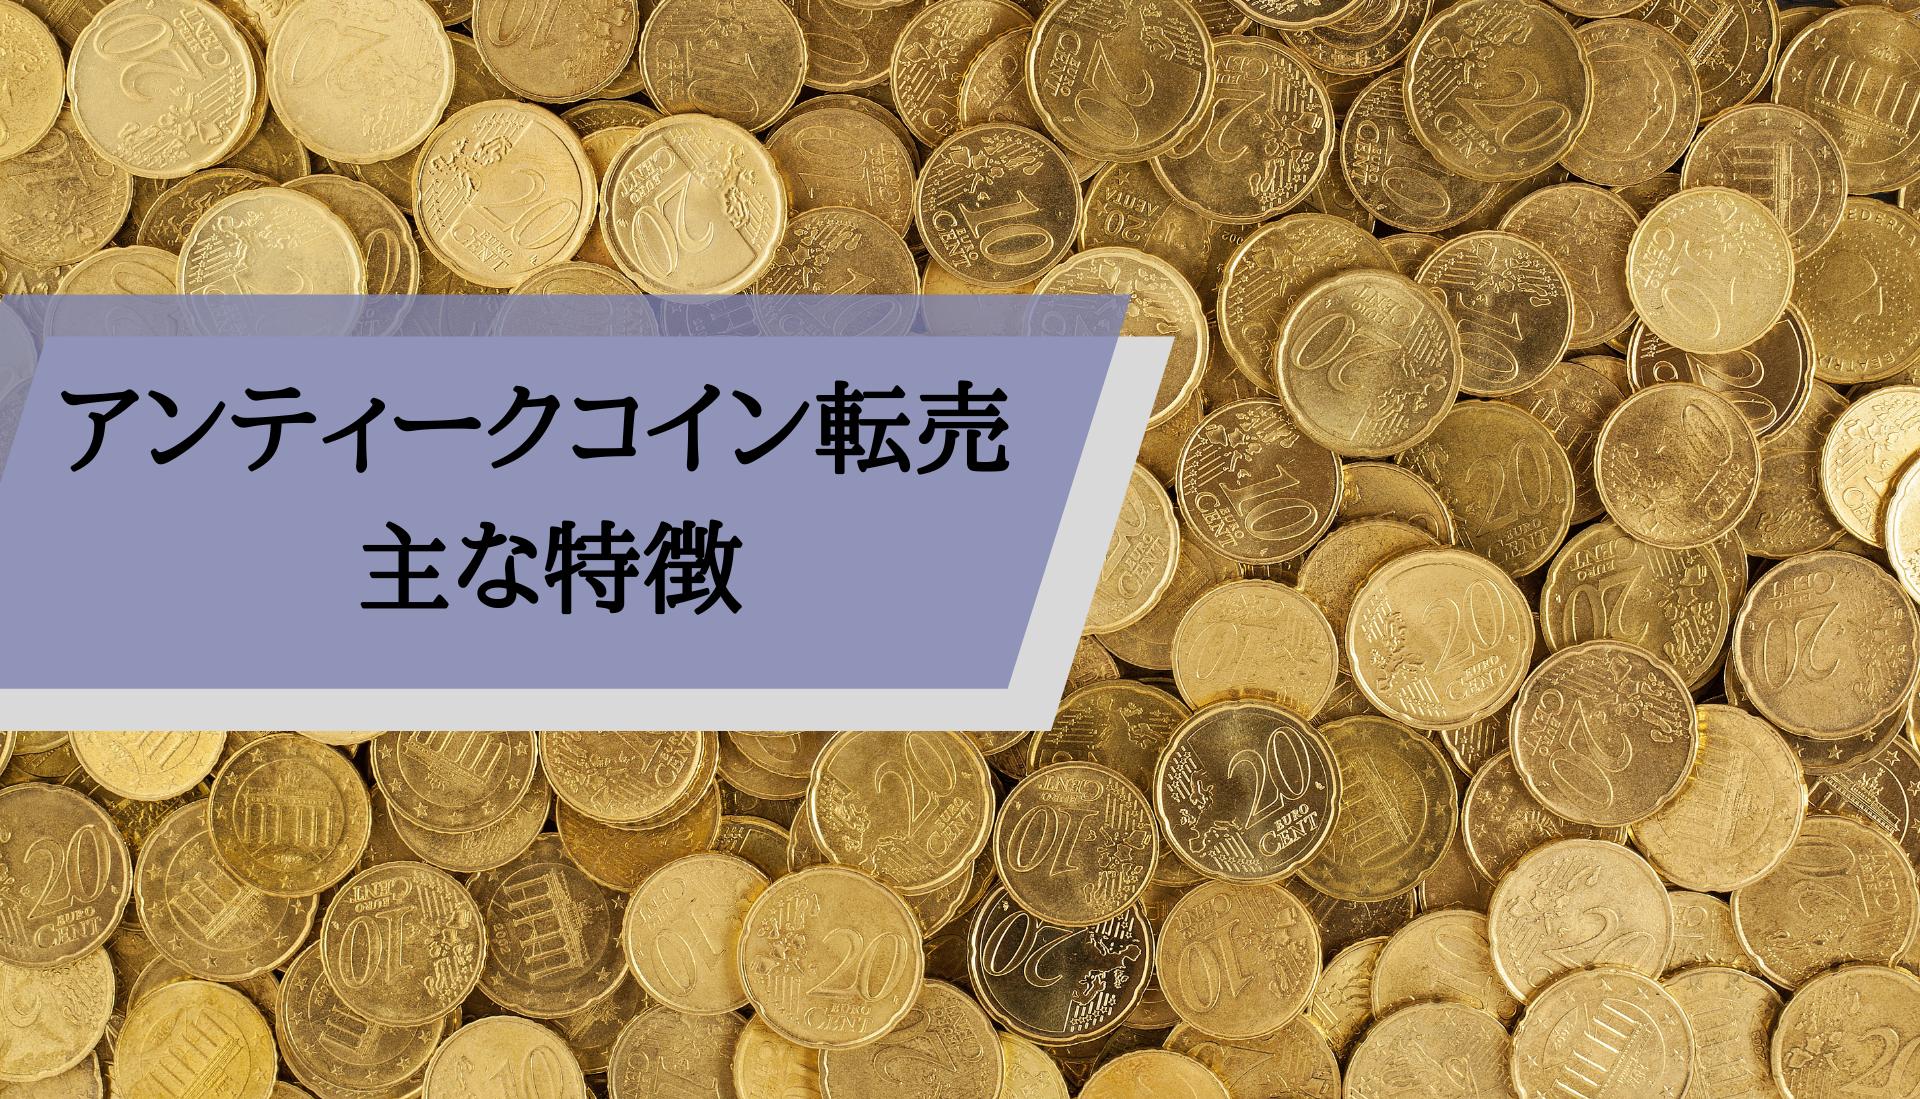 アンティークコイン転売_主な特徴